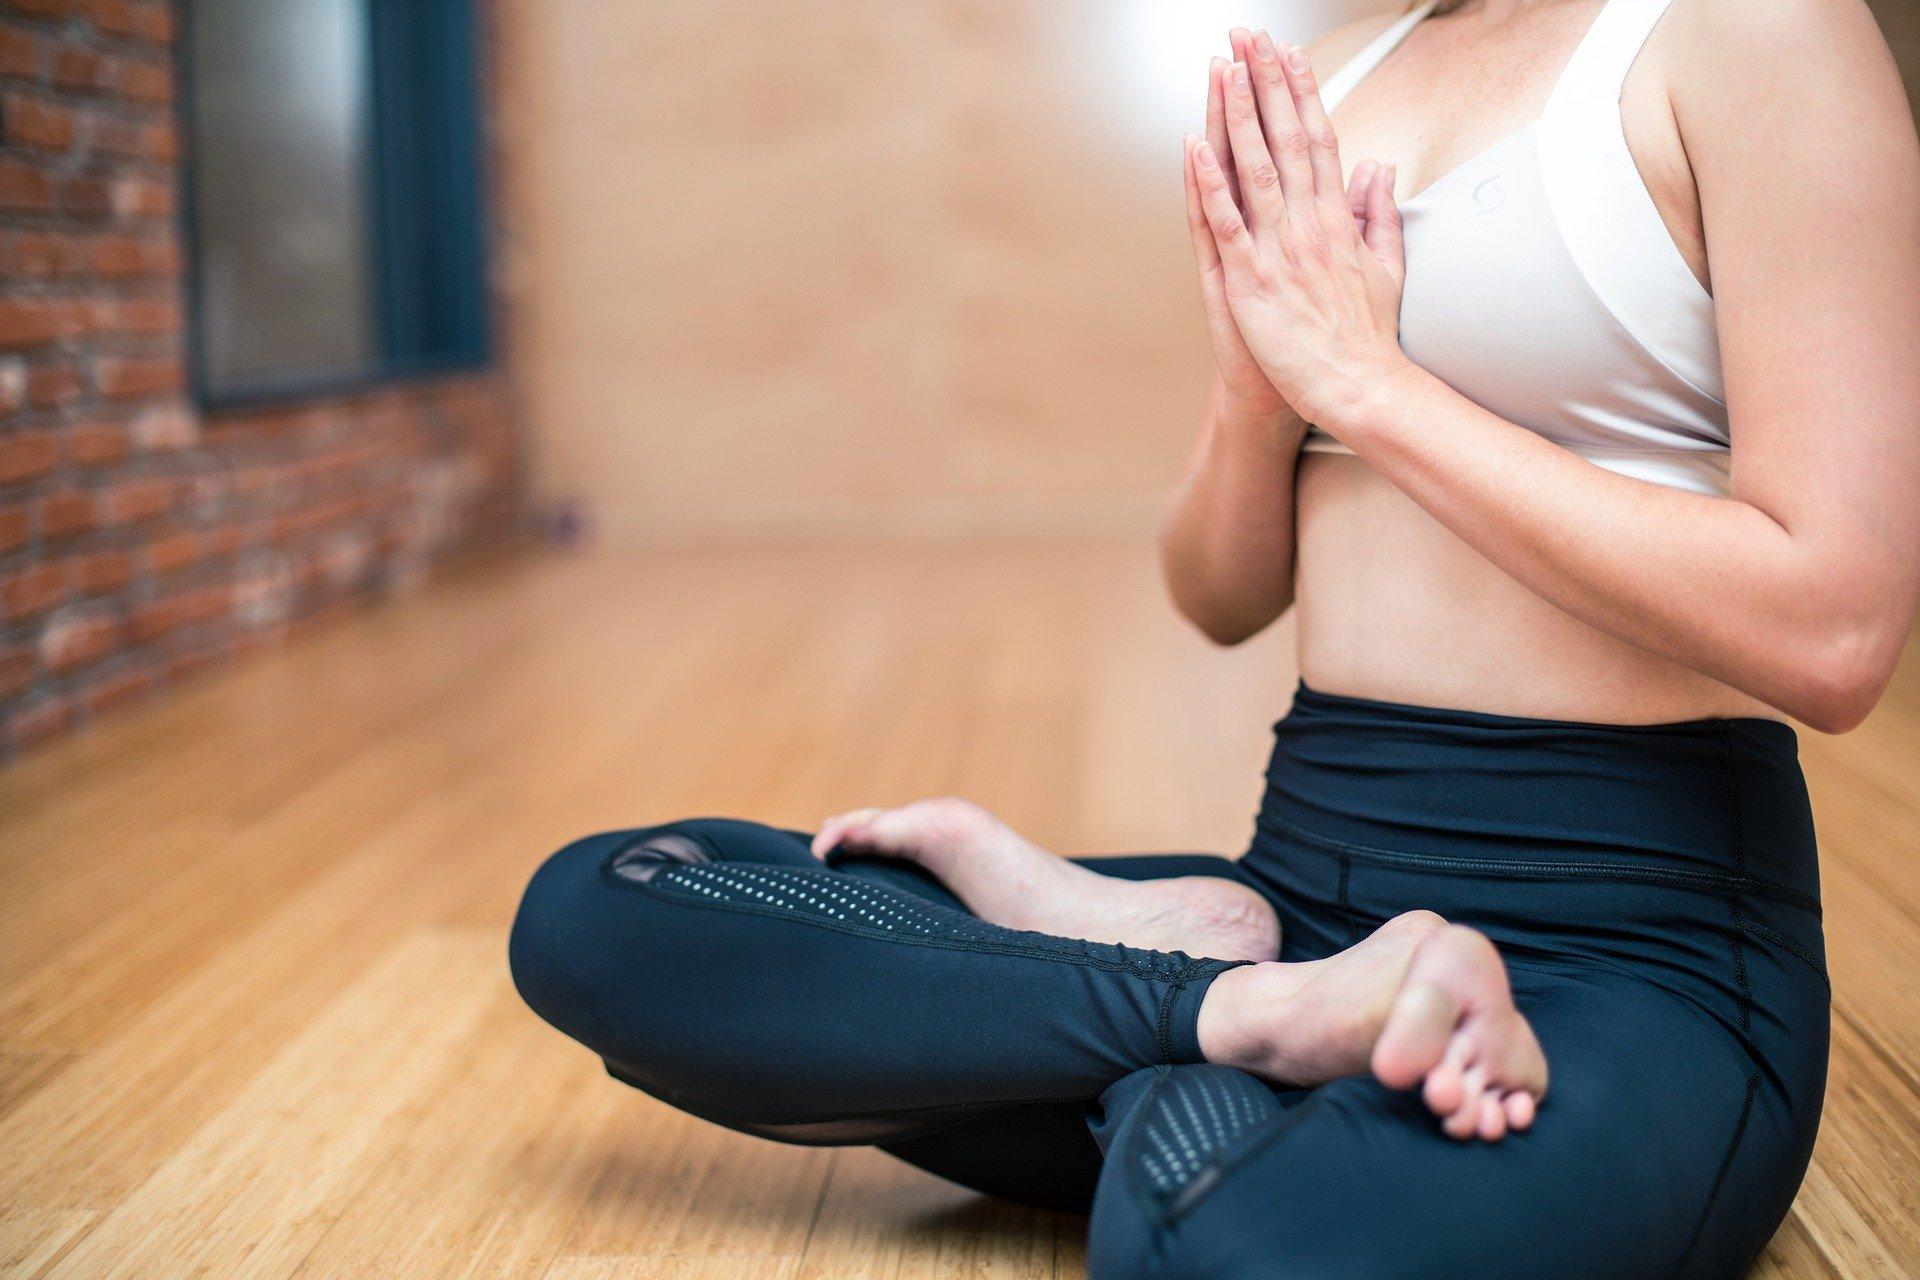 https://riftalliance.com/wp-content/uploads/2021/07/yoga-3053488_1920.jpg